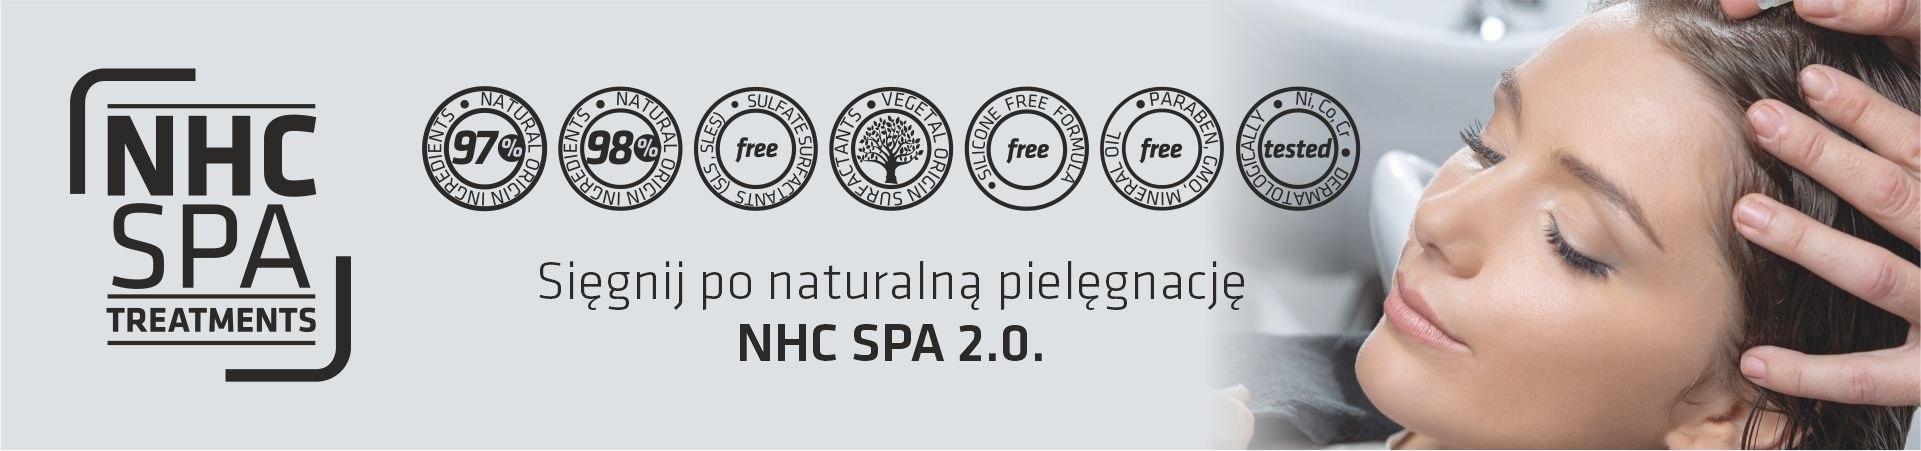 Naturalne fryzjerskie kosmetyki do włosów: naturalne szampony, naturalne odżywki do włosów, naturalne maski do włosów bez parabenów i SLSów